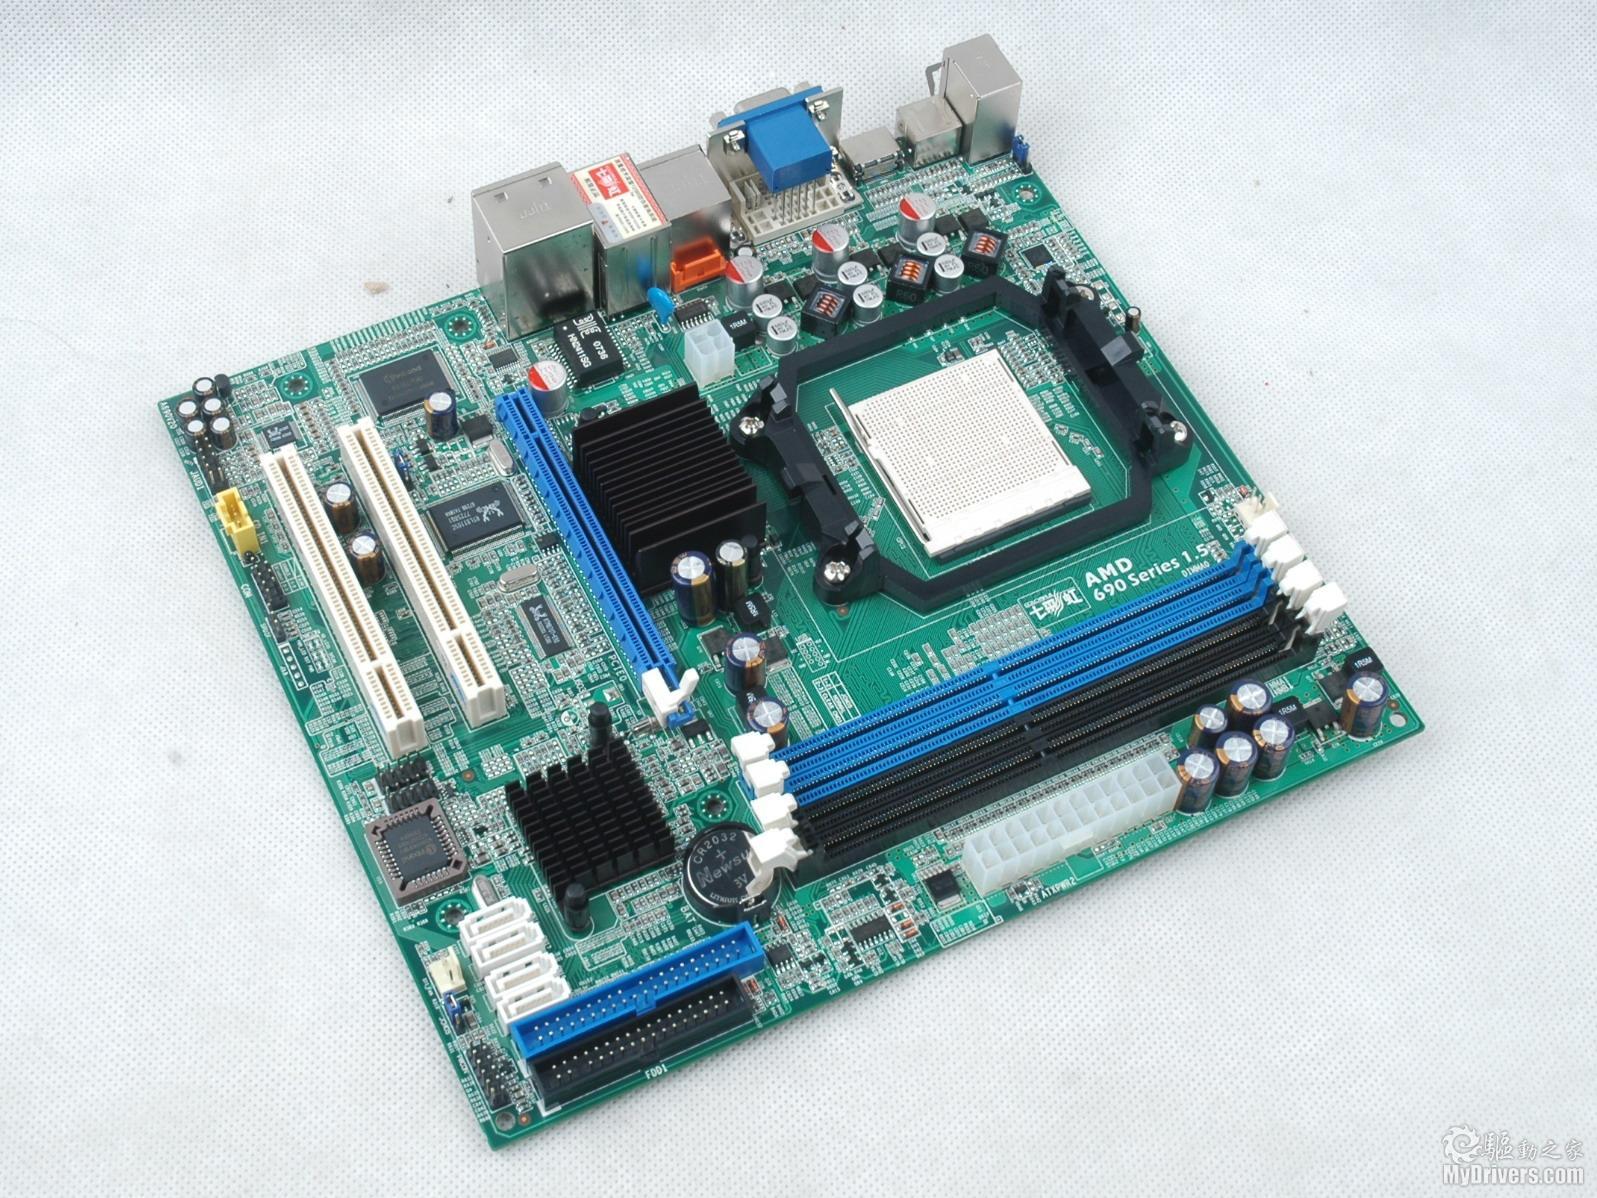 [七彩虹 C.A69G HDT赏析一] 690G芯片组上市很长一段时间了,现在690G主板的价格普遍已经到达499元的超低价位。七彩虹 C.A69G HDT作为采用690G芯片组的一名新兵,在499元的价位上提供了VGA+DVI+HDMI全显示接口,为那些希望组建HDPC的用户提供了一个不错的选择。  七彩虹 C.A69G HDT主板采用采用了 Mirco-ATX 的设计,北桥芯片为AMD 690G 芯片,南桥芯片则采用SB600。支持 AMD AM2 架构全系列处理器,最高前端总线为 1000MHz 。